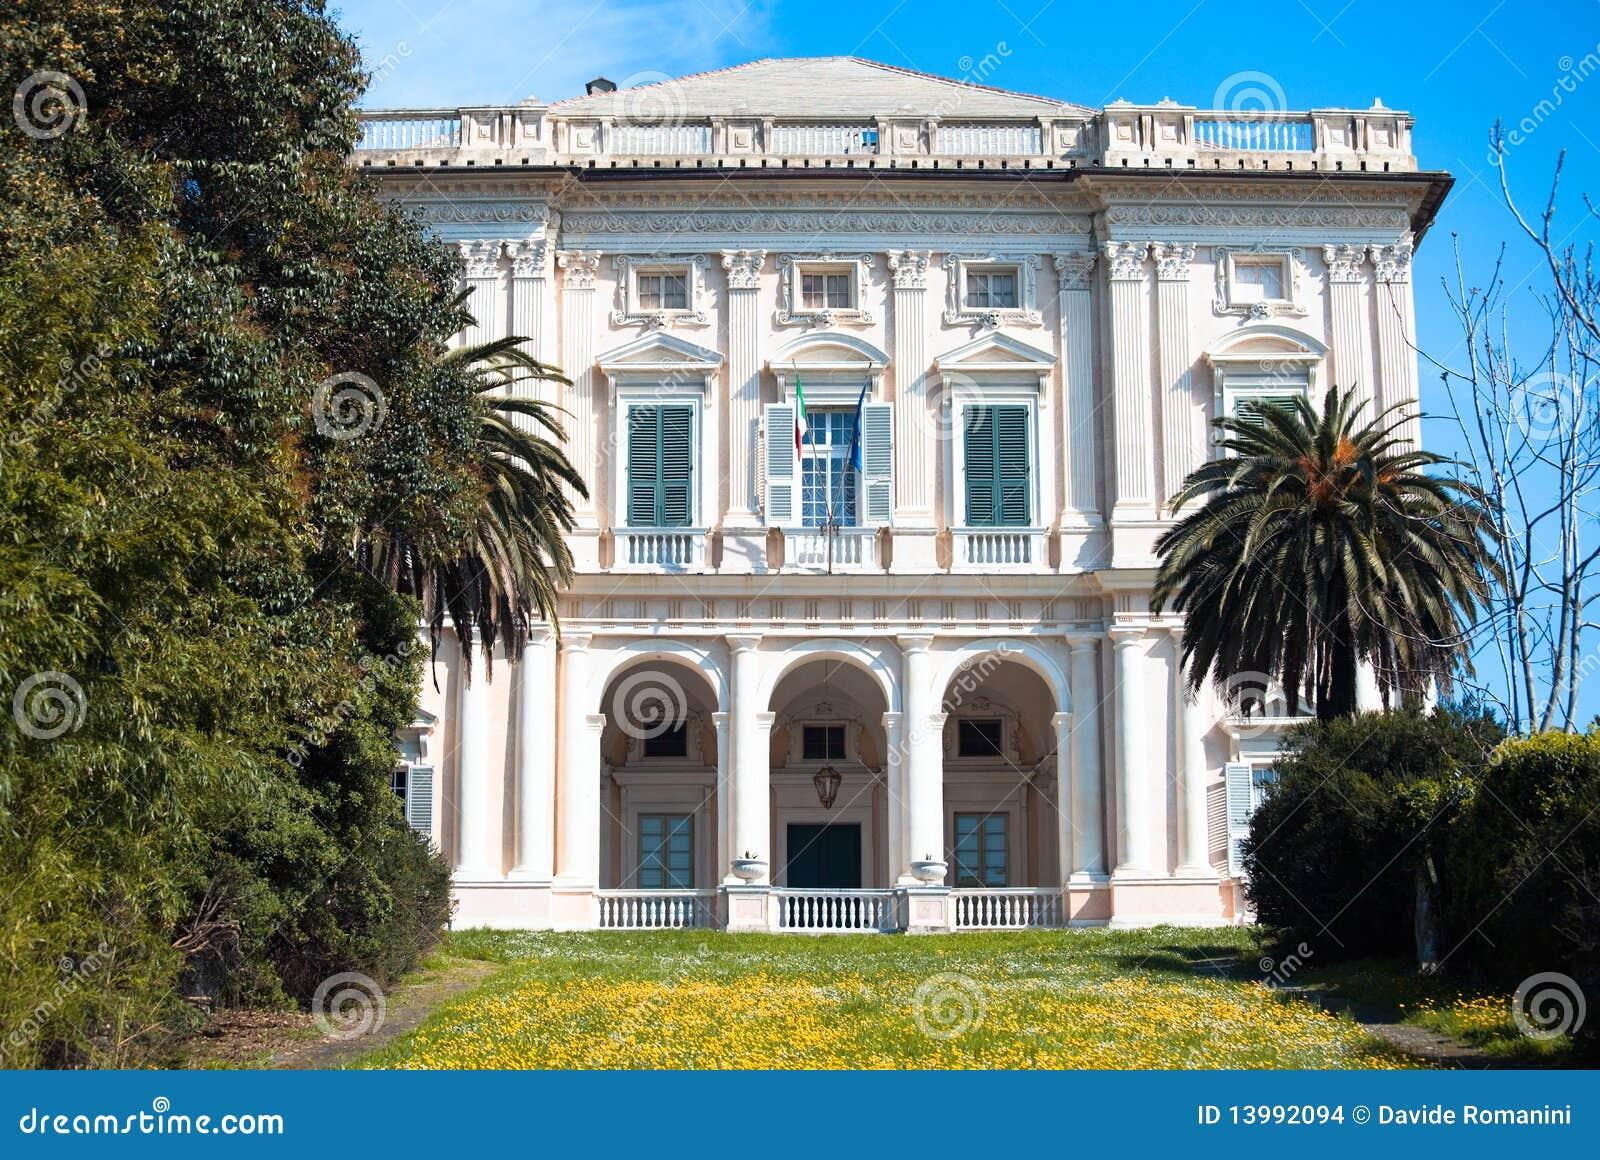 Ongebruikt Italiaanse klassieke villa stock foto. Afbeelding bestaande uit KY-32